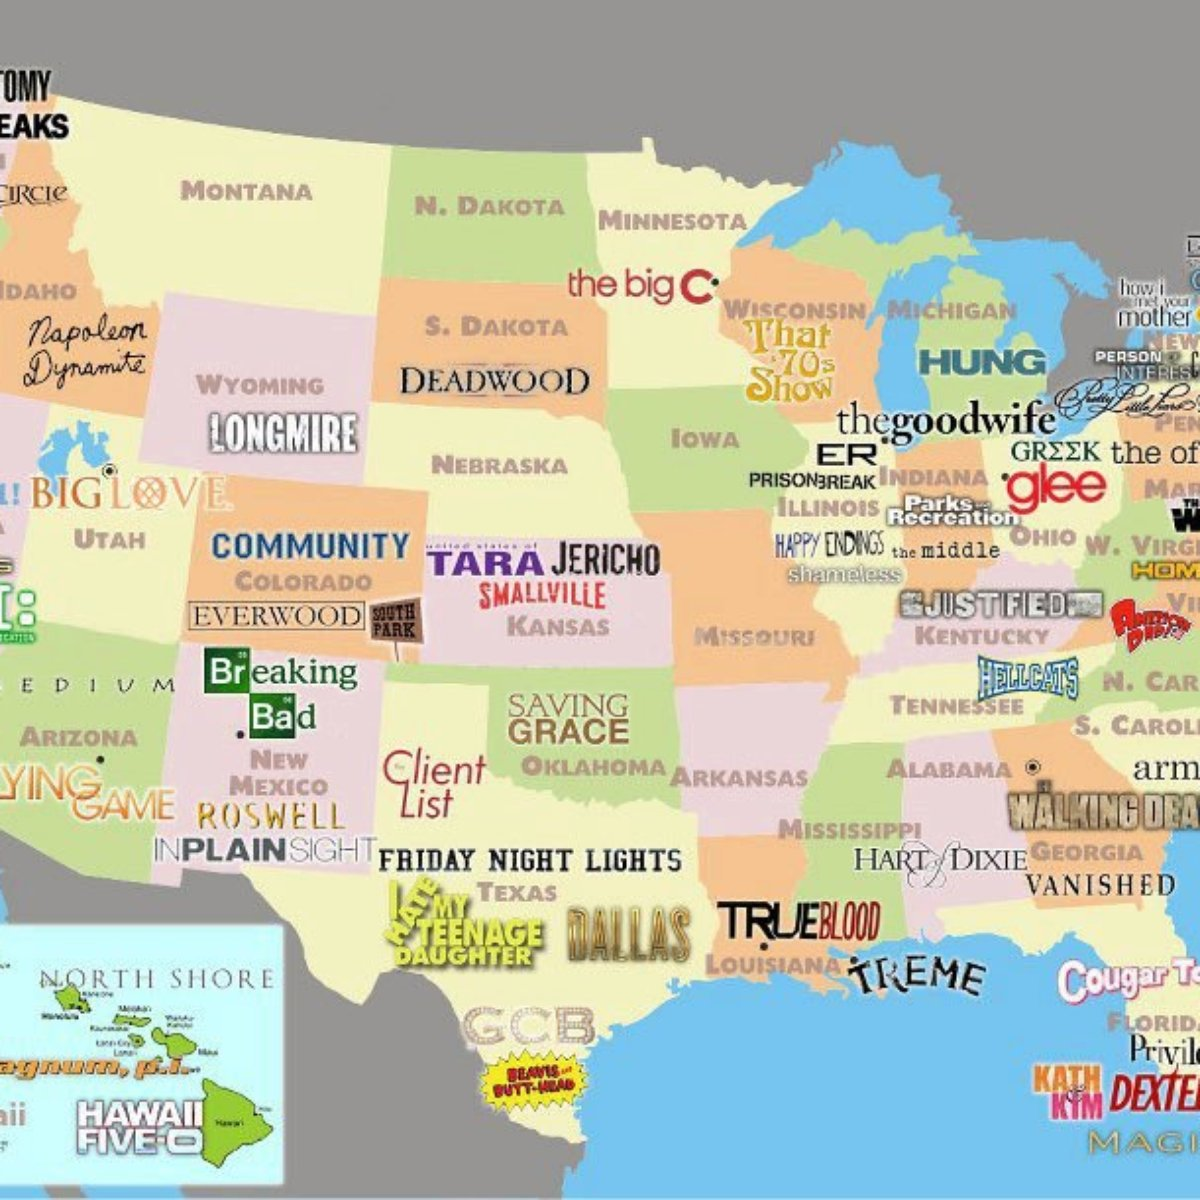 Mapa Mostra Series De Tv Em Diferentes Partes Dos Eua